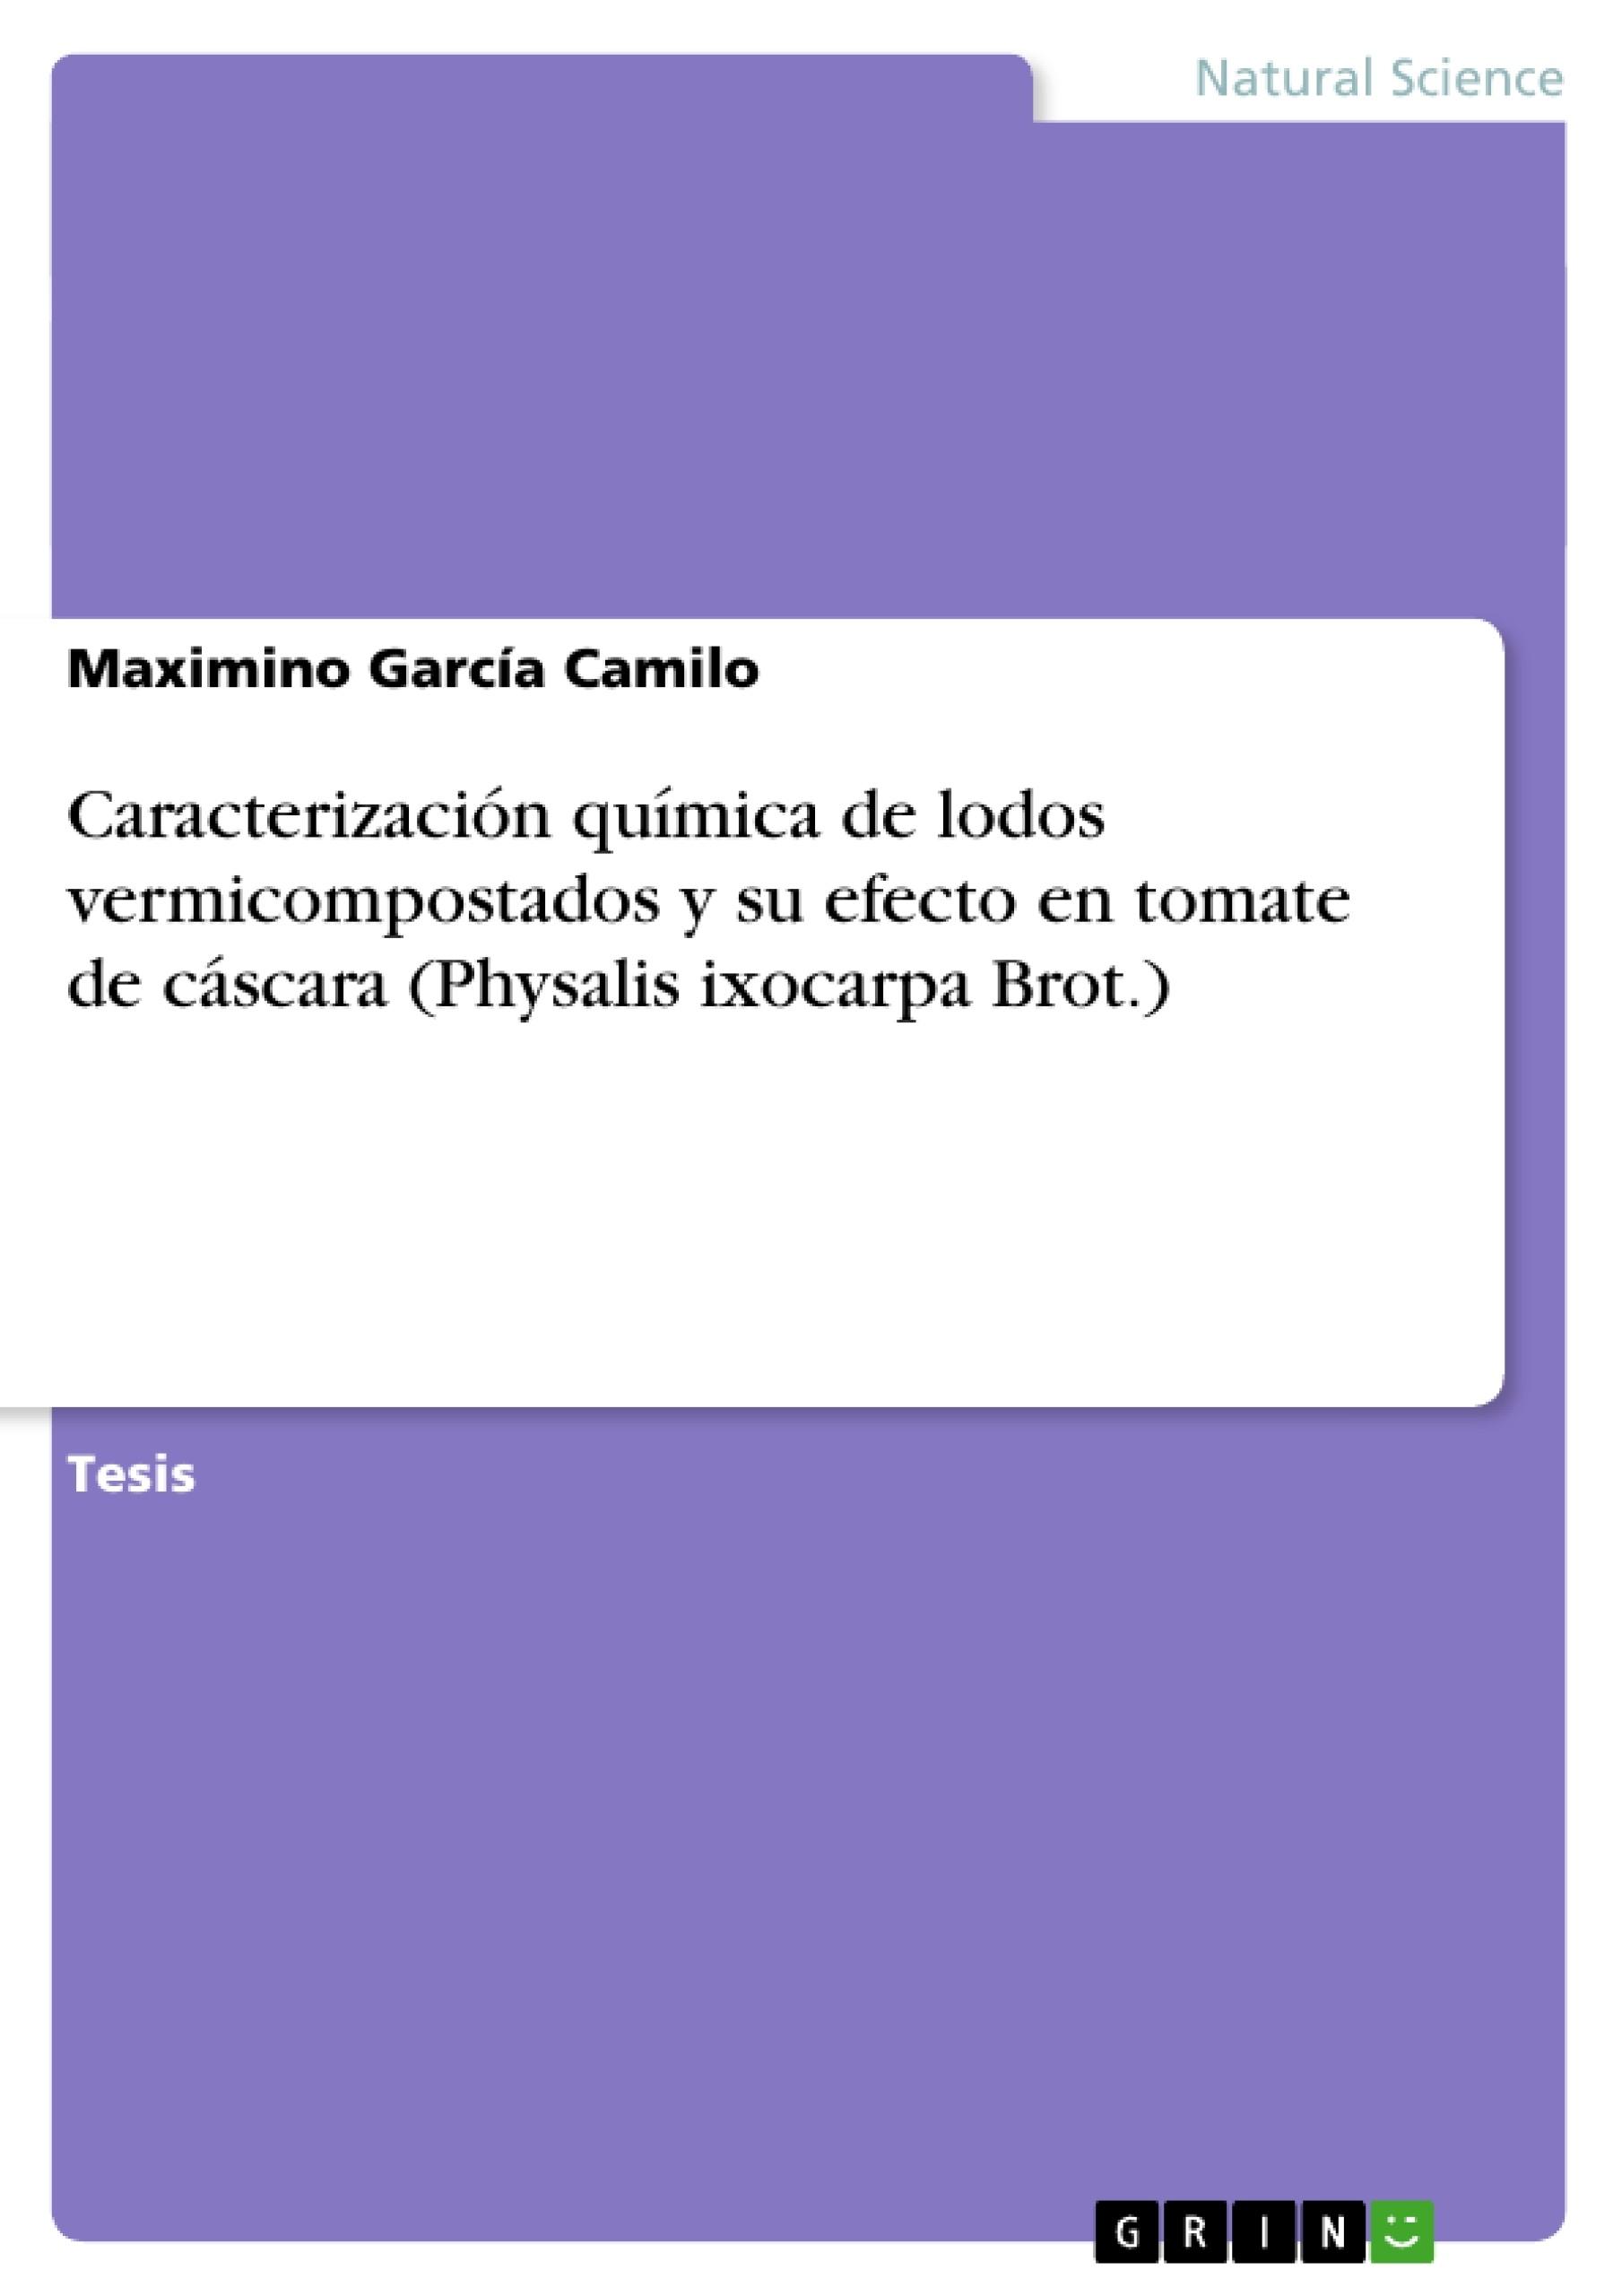 Título: Caracterización química de lodos vermicompostados y su efecto en tomate de cáscara (Physalis ixocarpa Brot.)